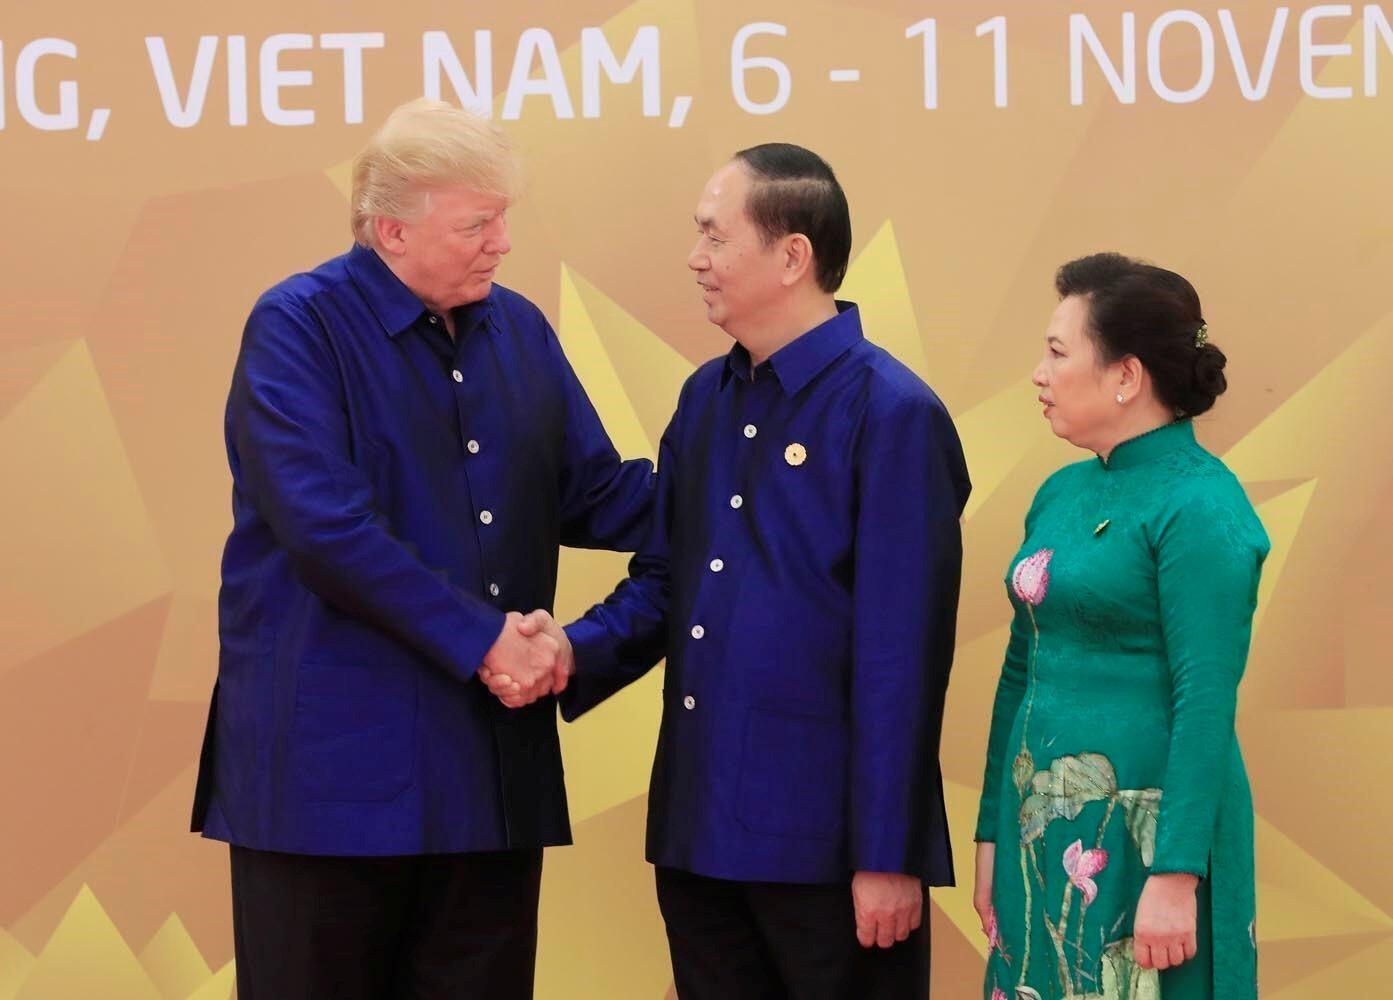 美國總統特朗普和越南國家主席陳大光夫婦 2017年11月10日峴港